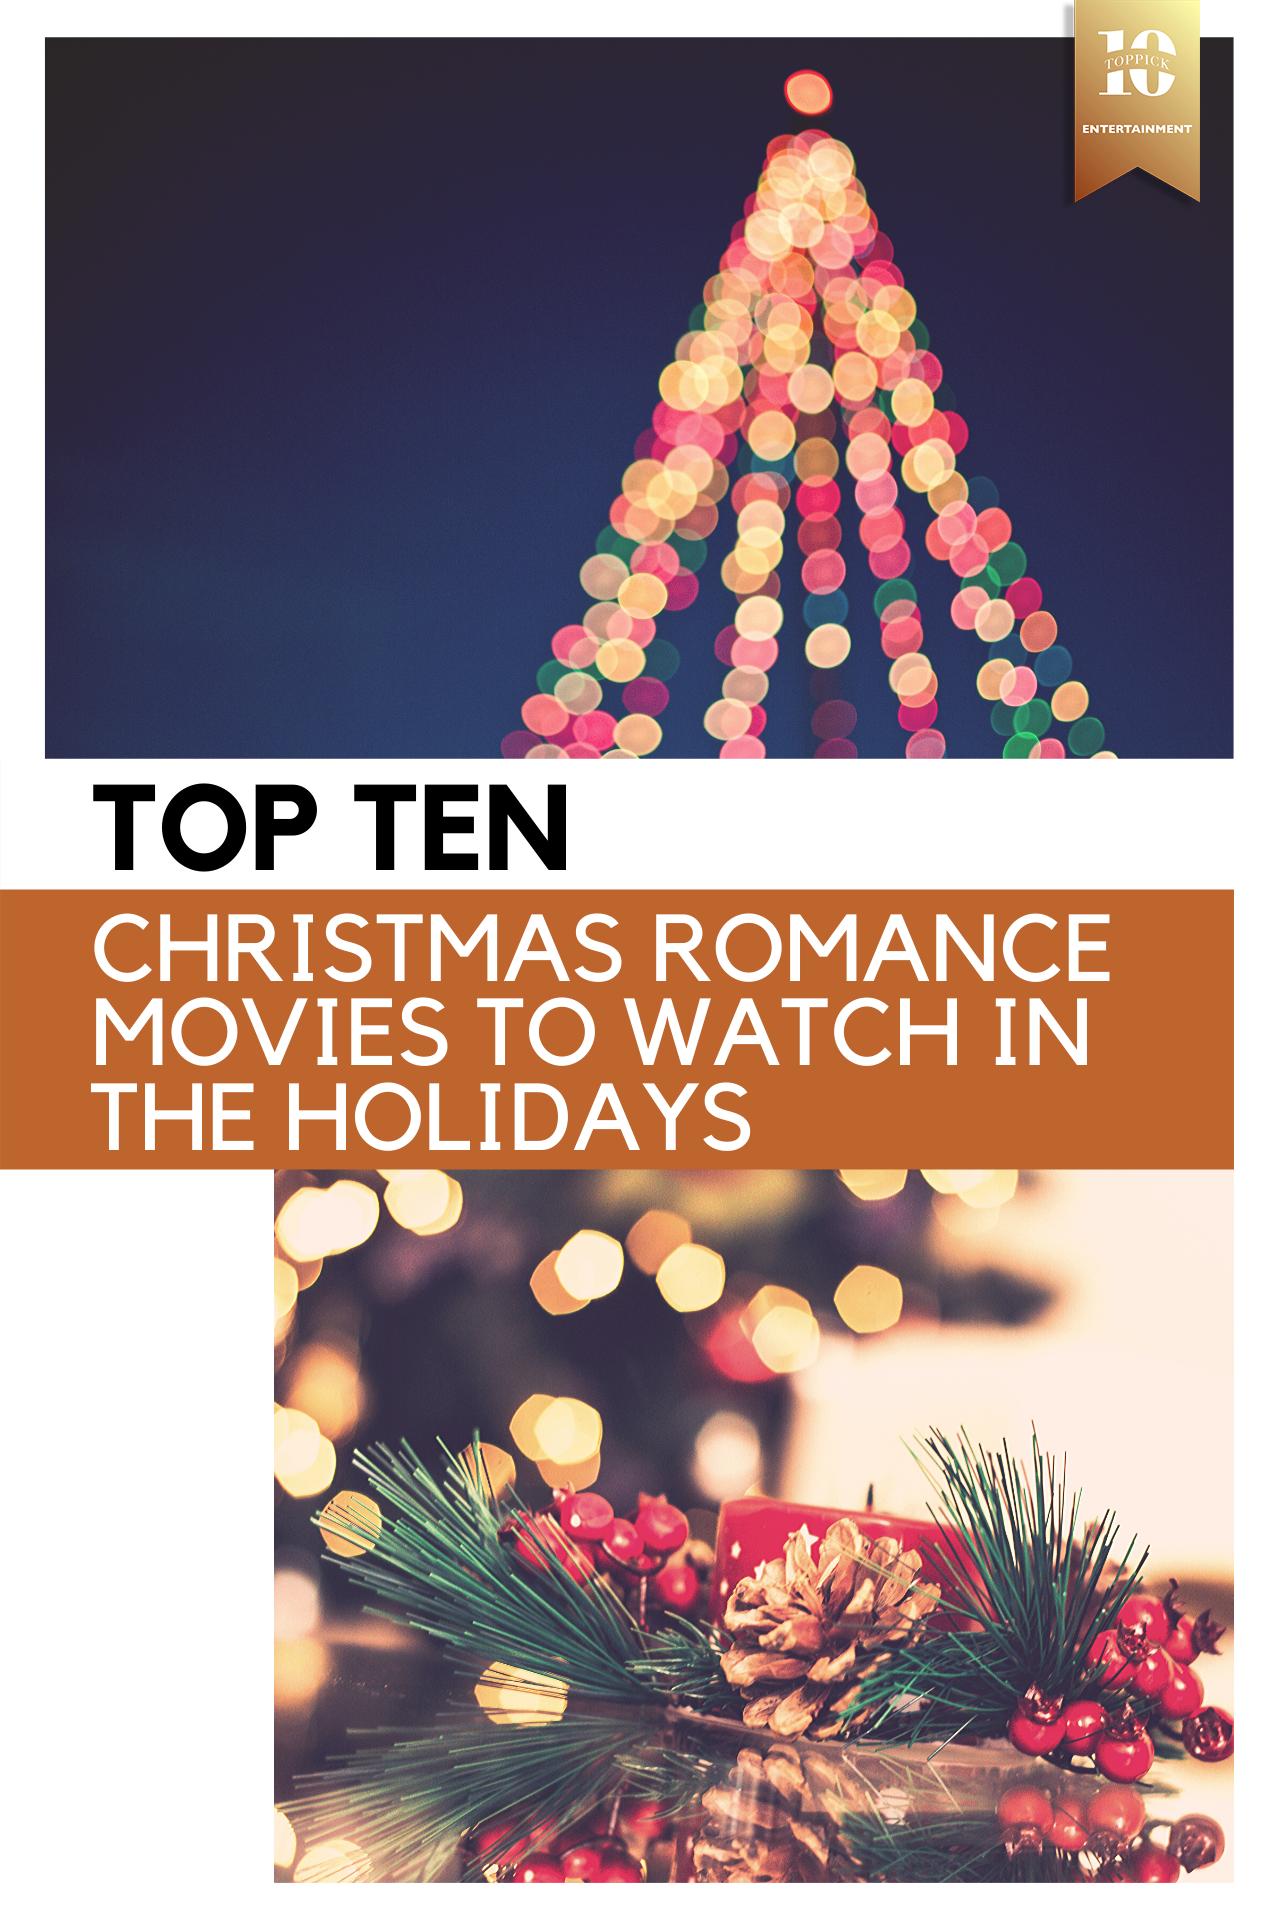 #ChristmasMovies #RomanceMovies #HolidayMovies #Movies